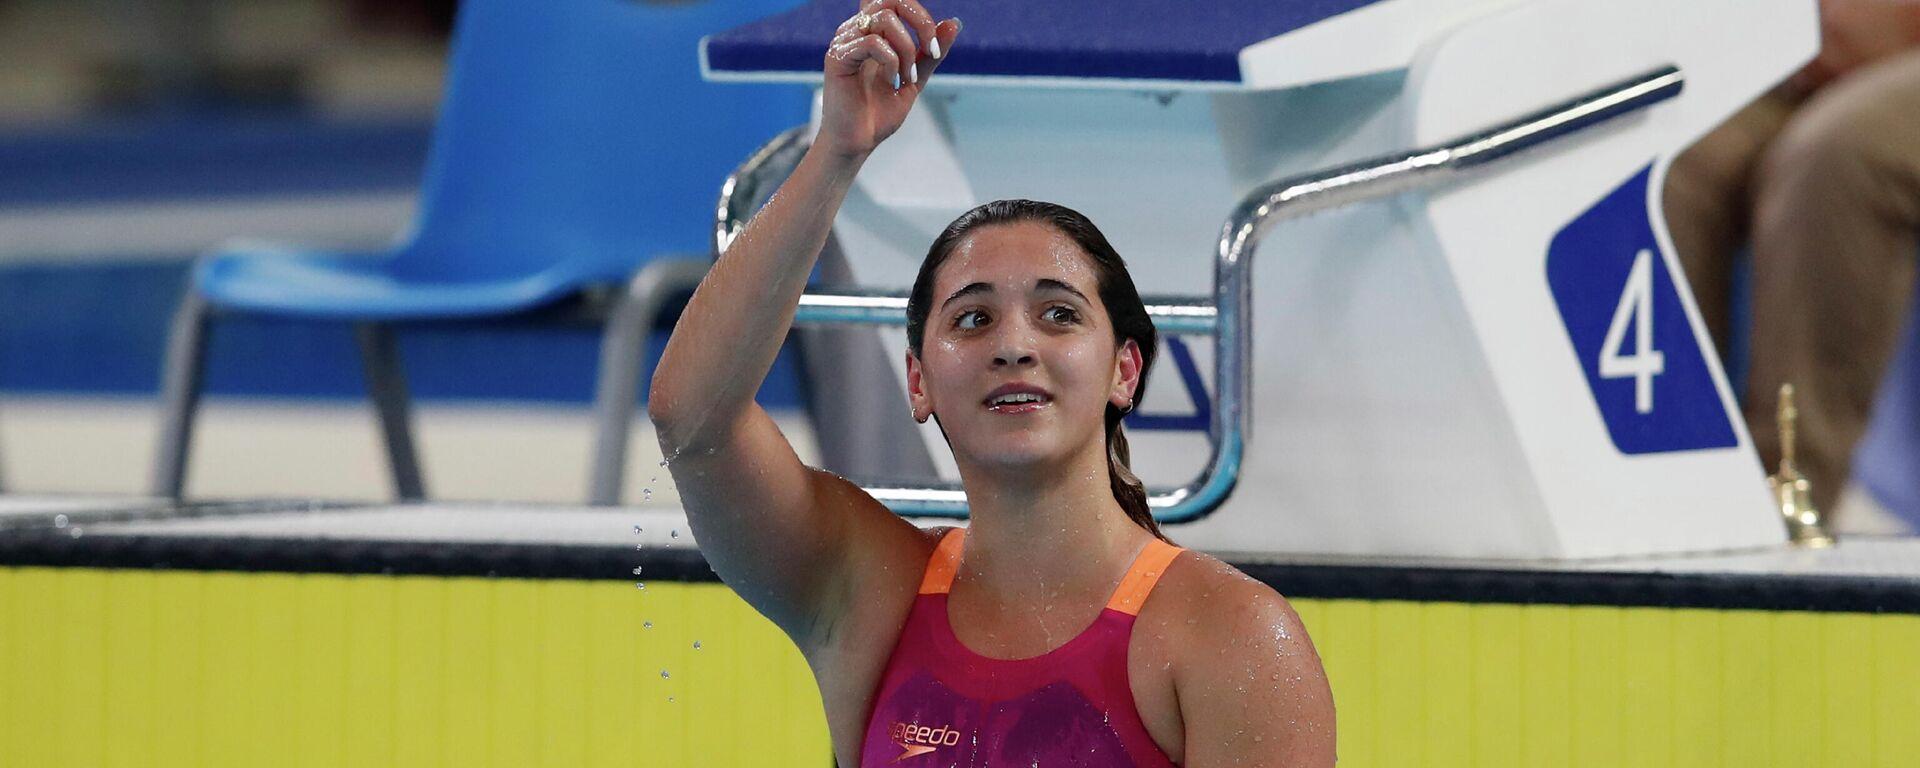 La nadadora argentina Delfina Pignatiello tras ganar una medalla de oro en los Juegos Panamericanos de Lima en 2019 - Sputnik Mundo, 1920, 03.08.2021